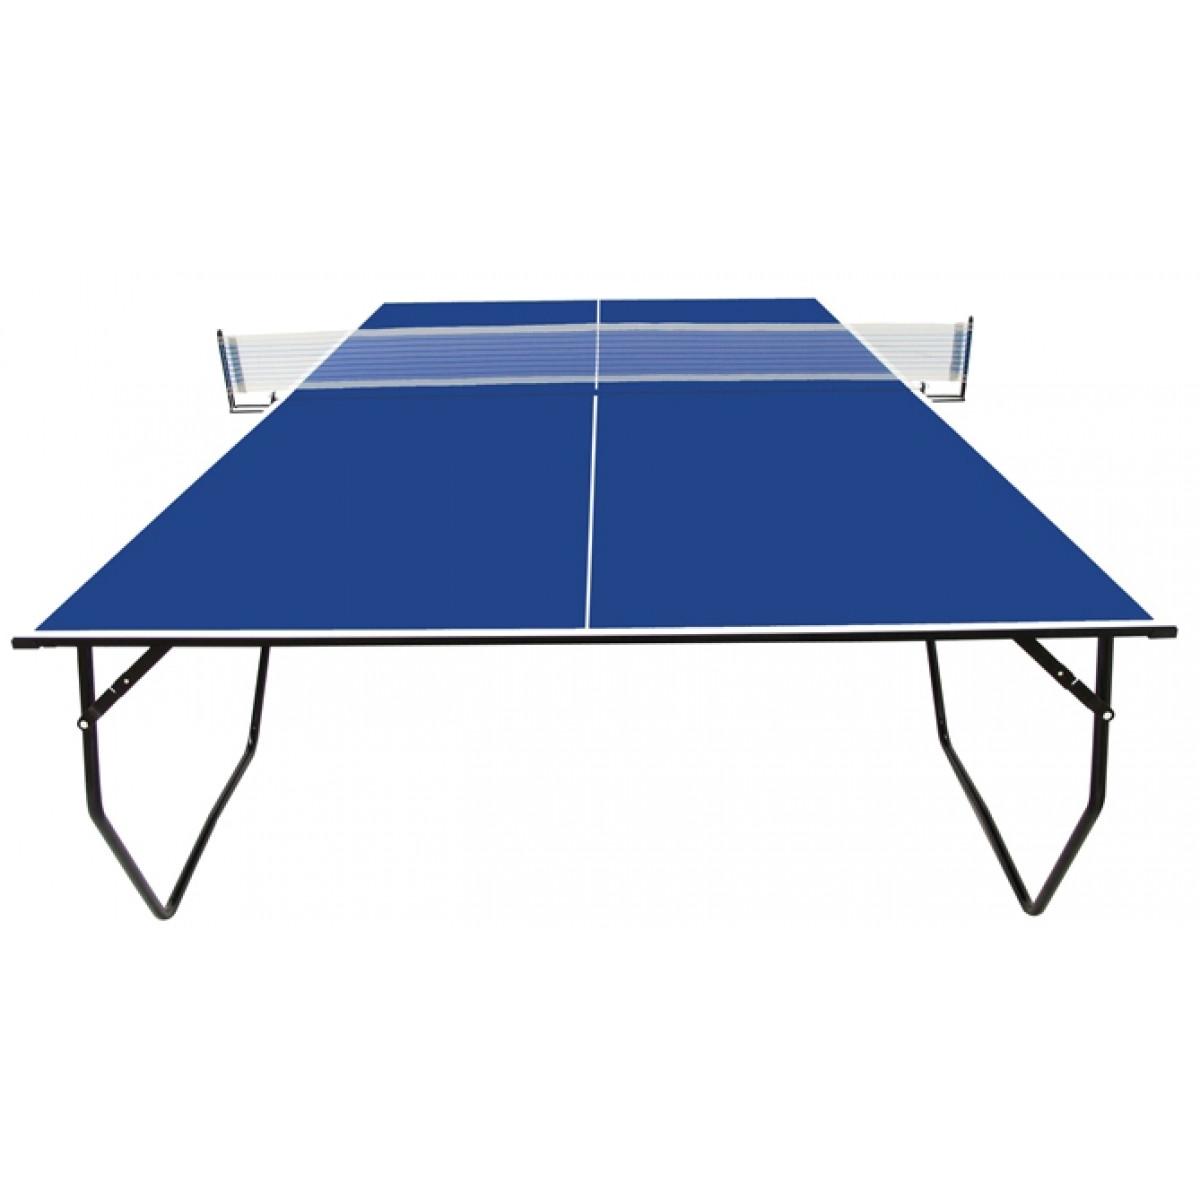 e1ed7bf25 ... Mesa de Tênis de Mesa   Ping Pong - com Rodízio - MDF 15mm - Klopf ...